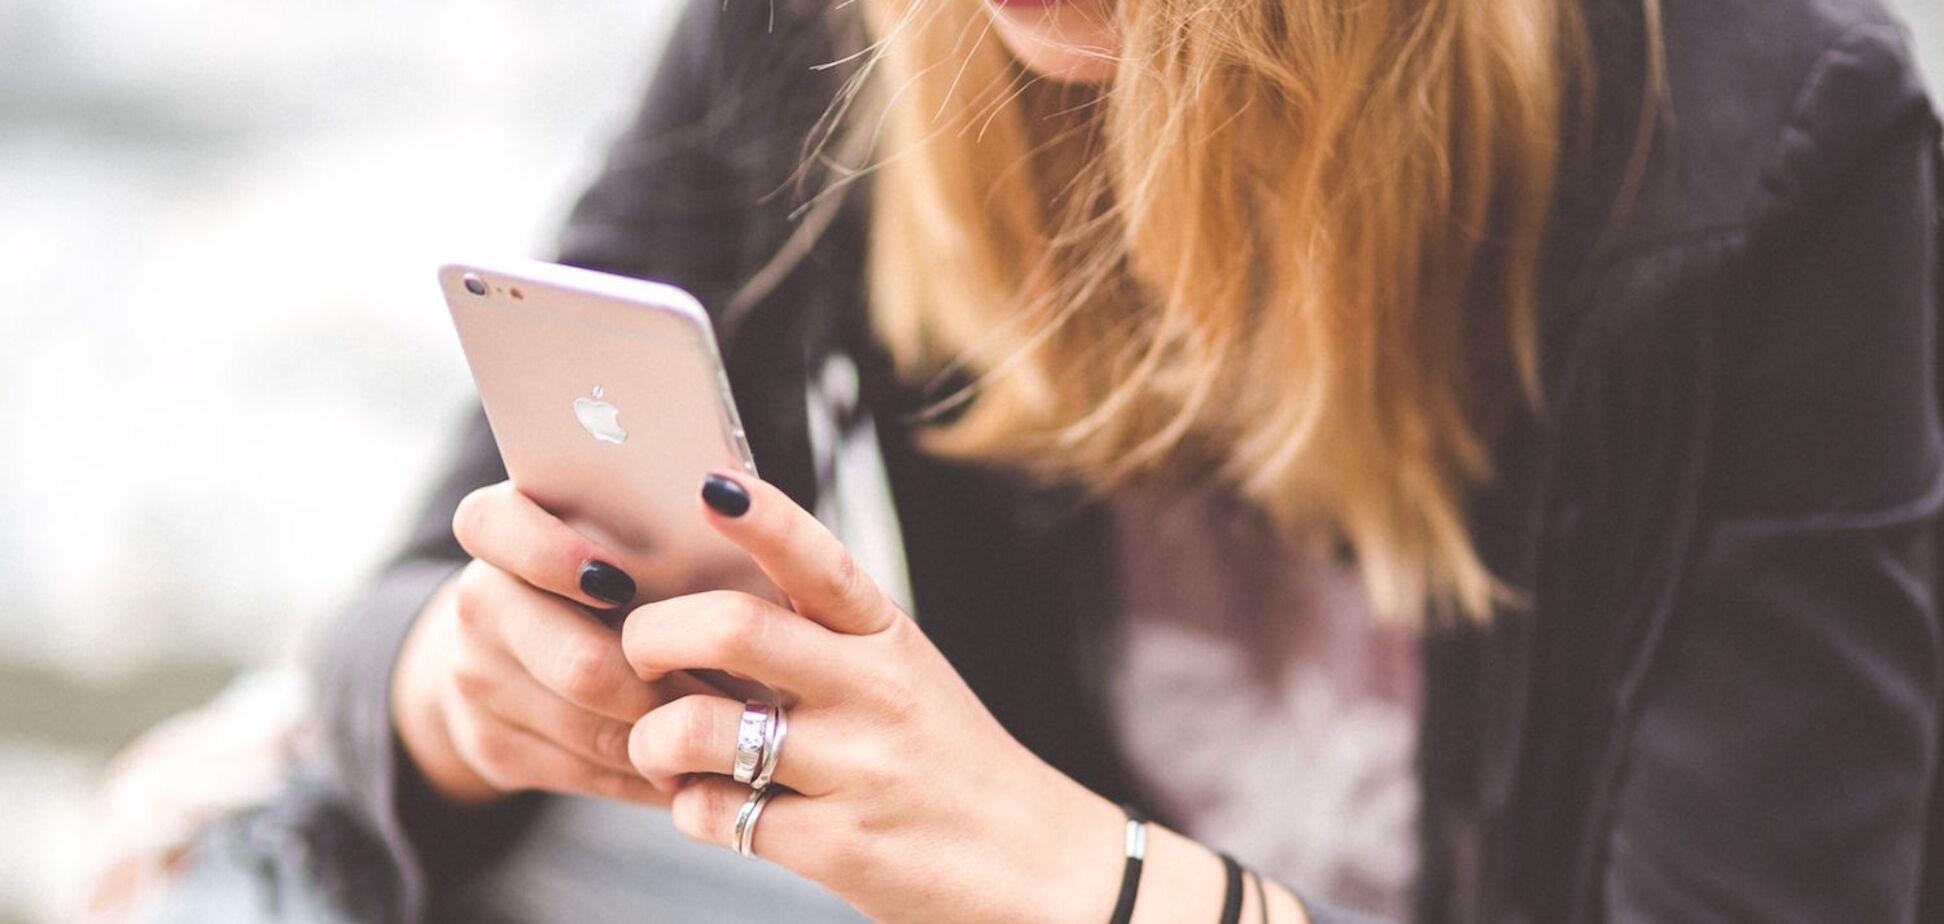 В Украине крупнейшие мобильные операторы в два раза повысят цены